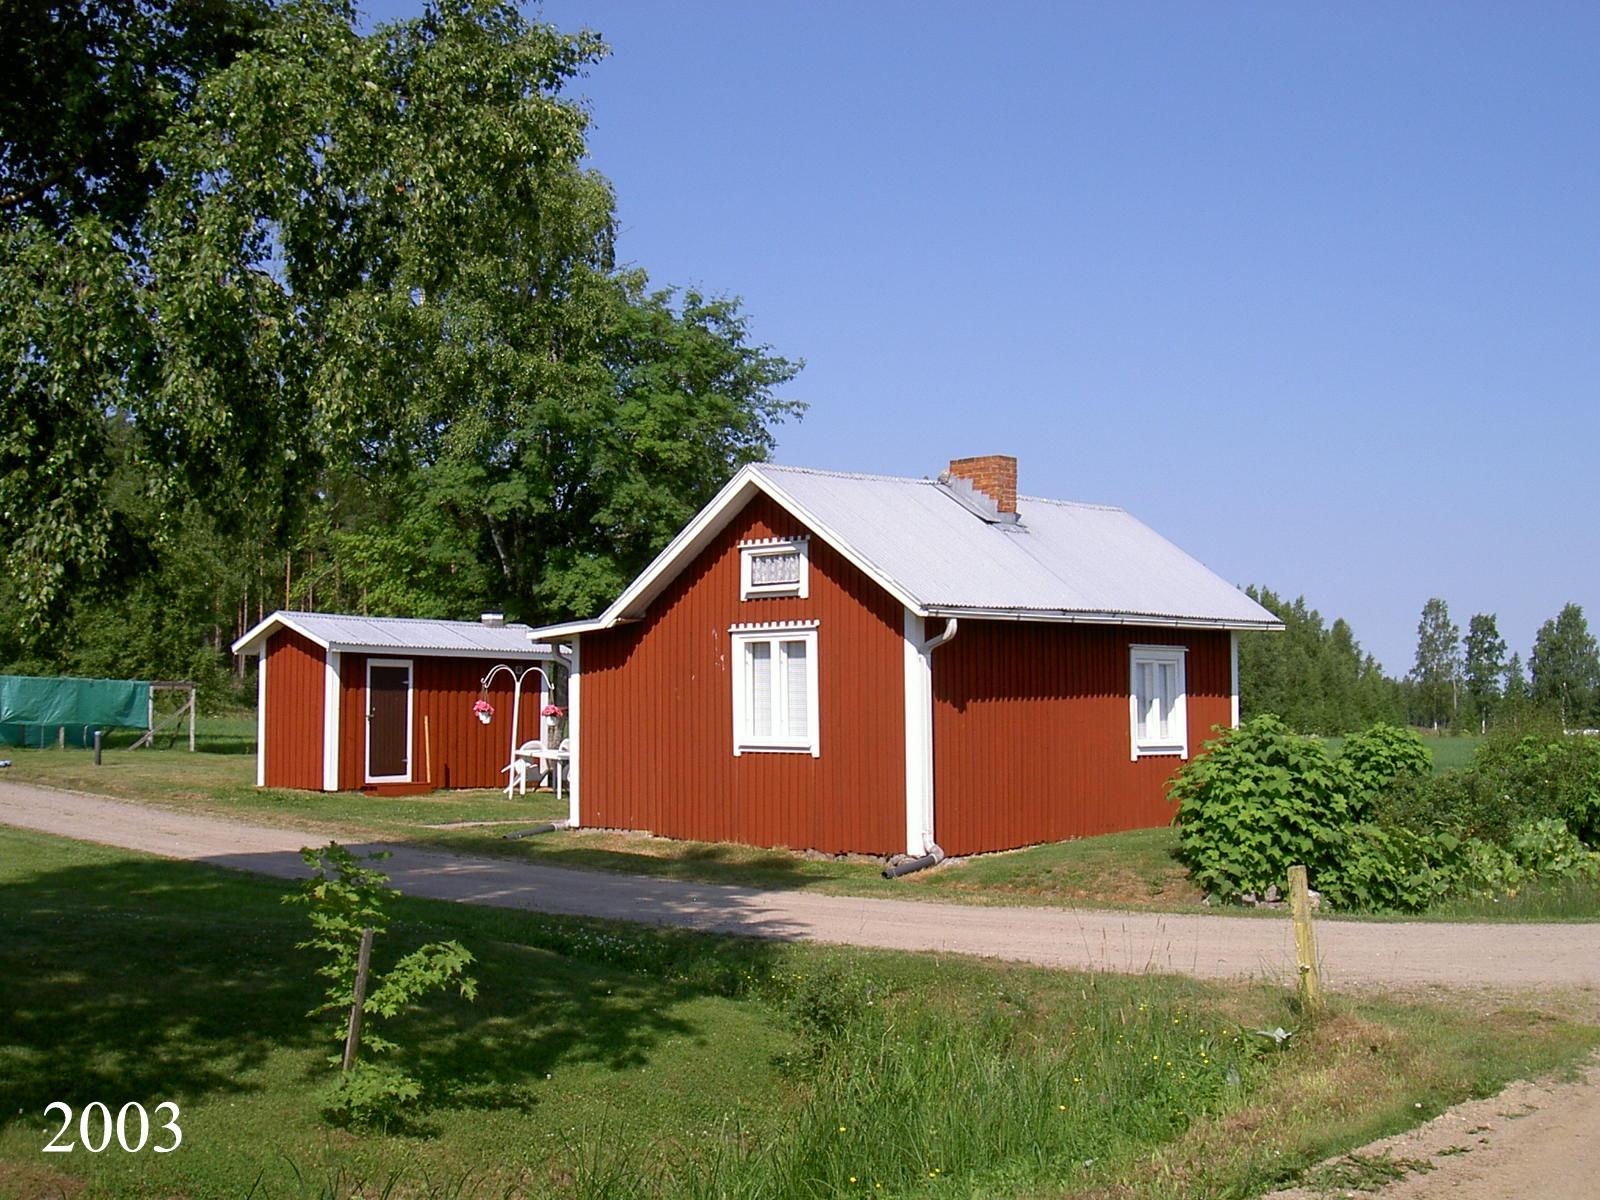 Så här såg Hemming Lövholms stuga ut år 2003. Det var ju den här som han byggde åt sig själv ungefär 1952 medan hustrun Martta bodde högre upp mot skogen tillsammans med barnen. Fotot taget från öster.